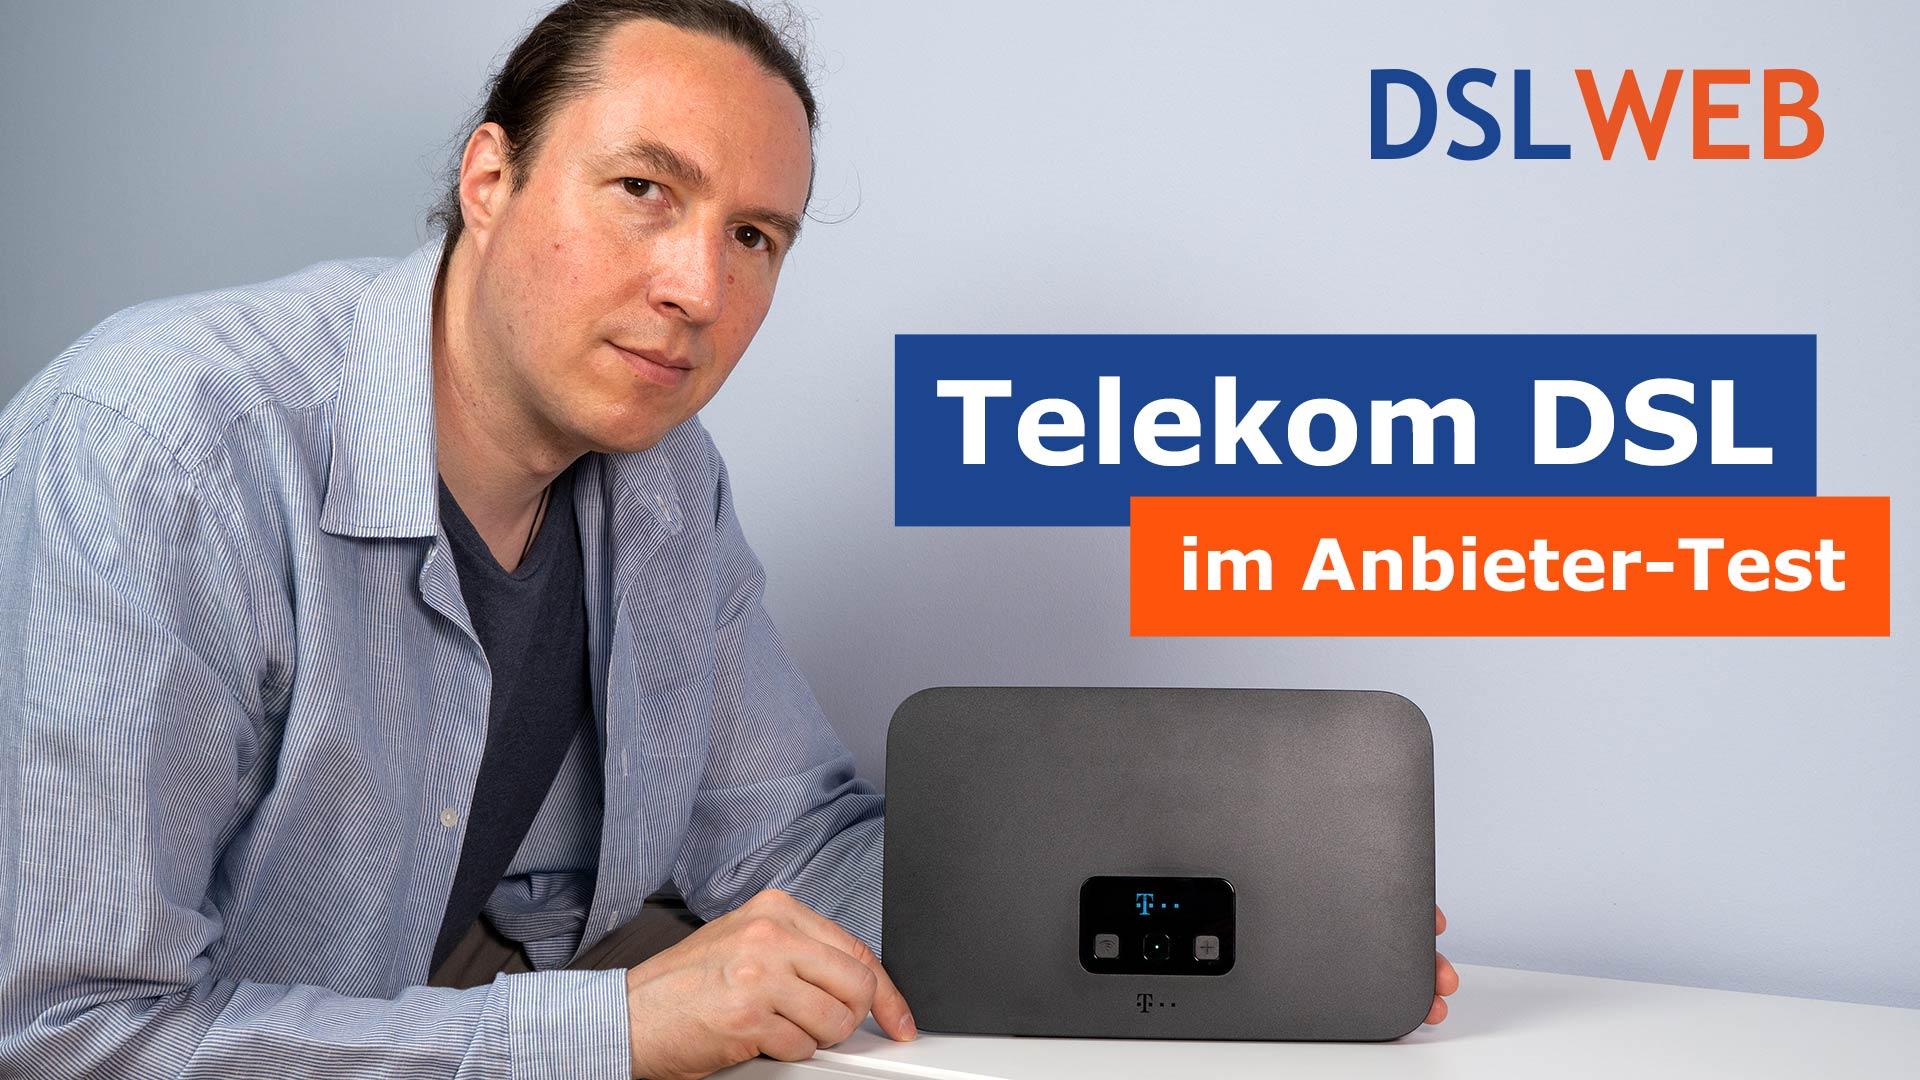 Telekom DSL im DSLWEB Anbieter-Test